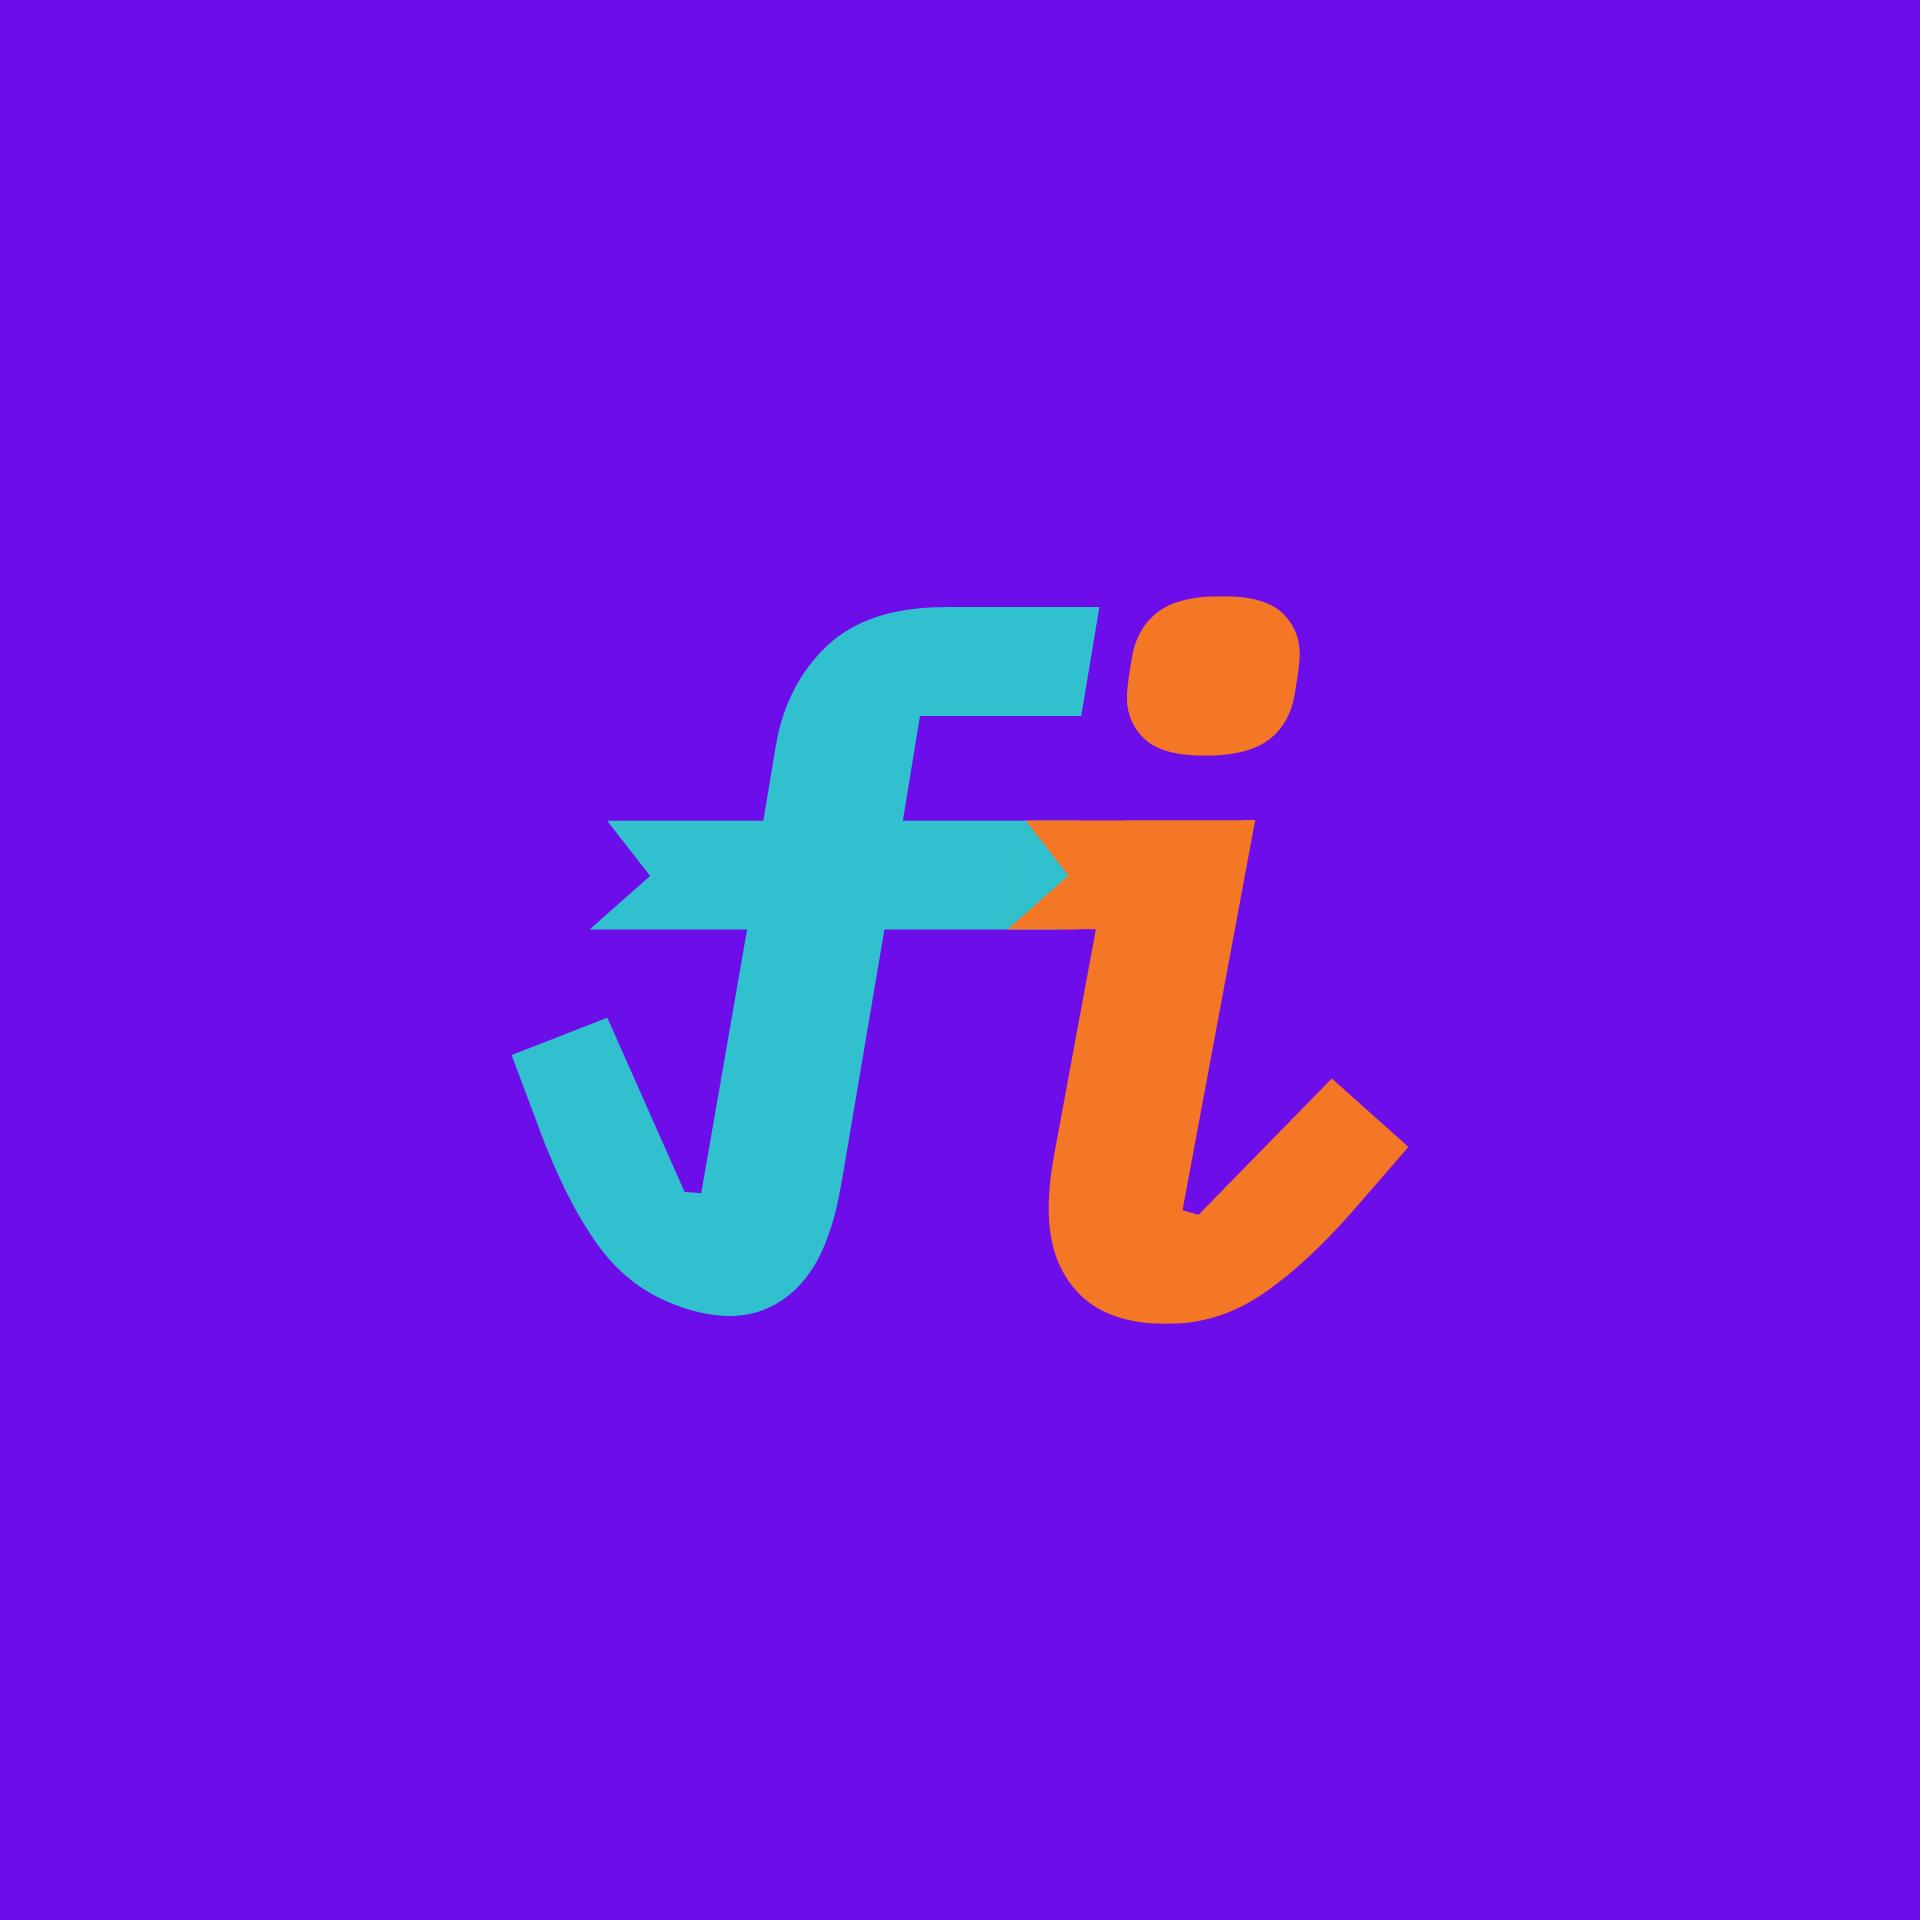 FI_INITIALS